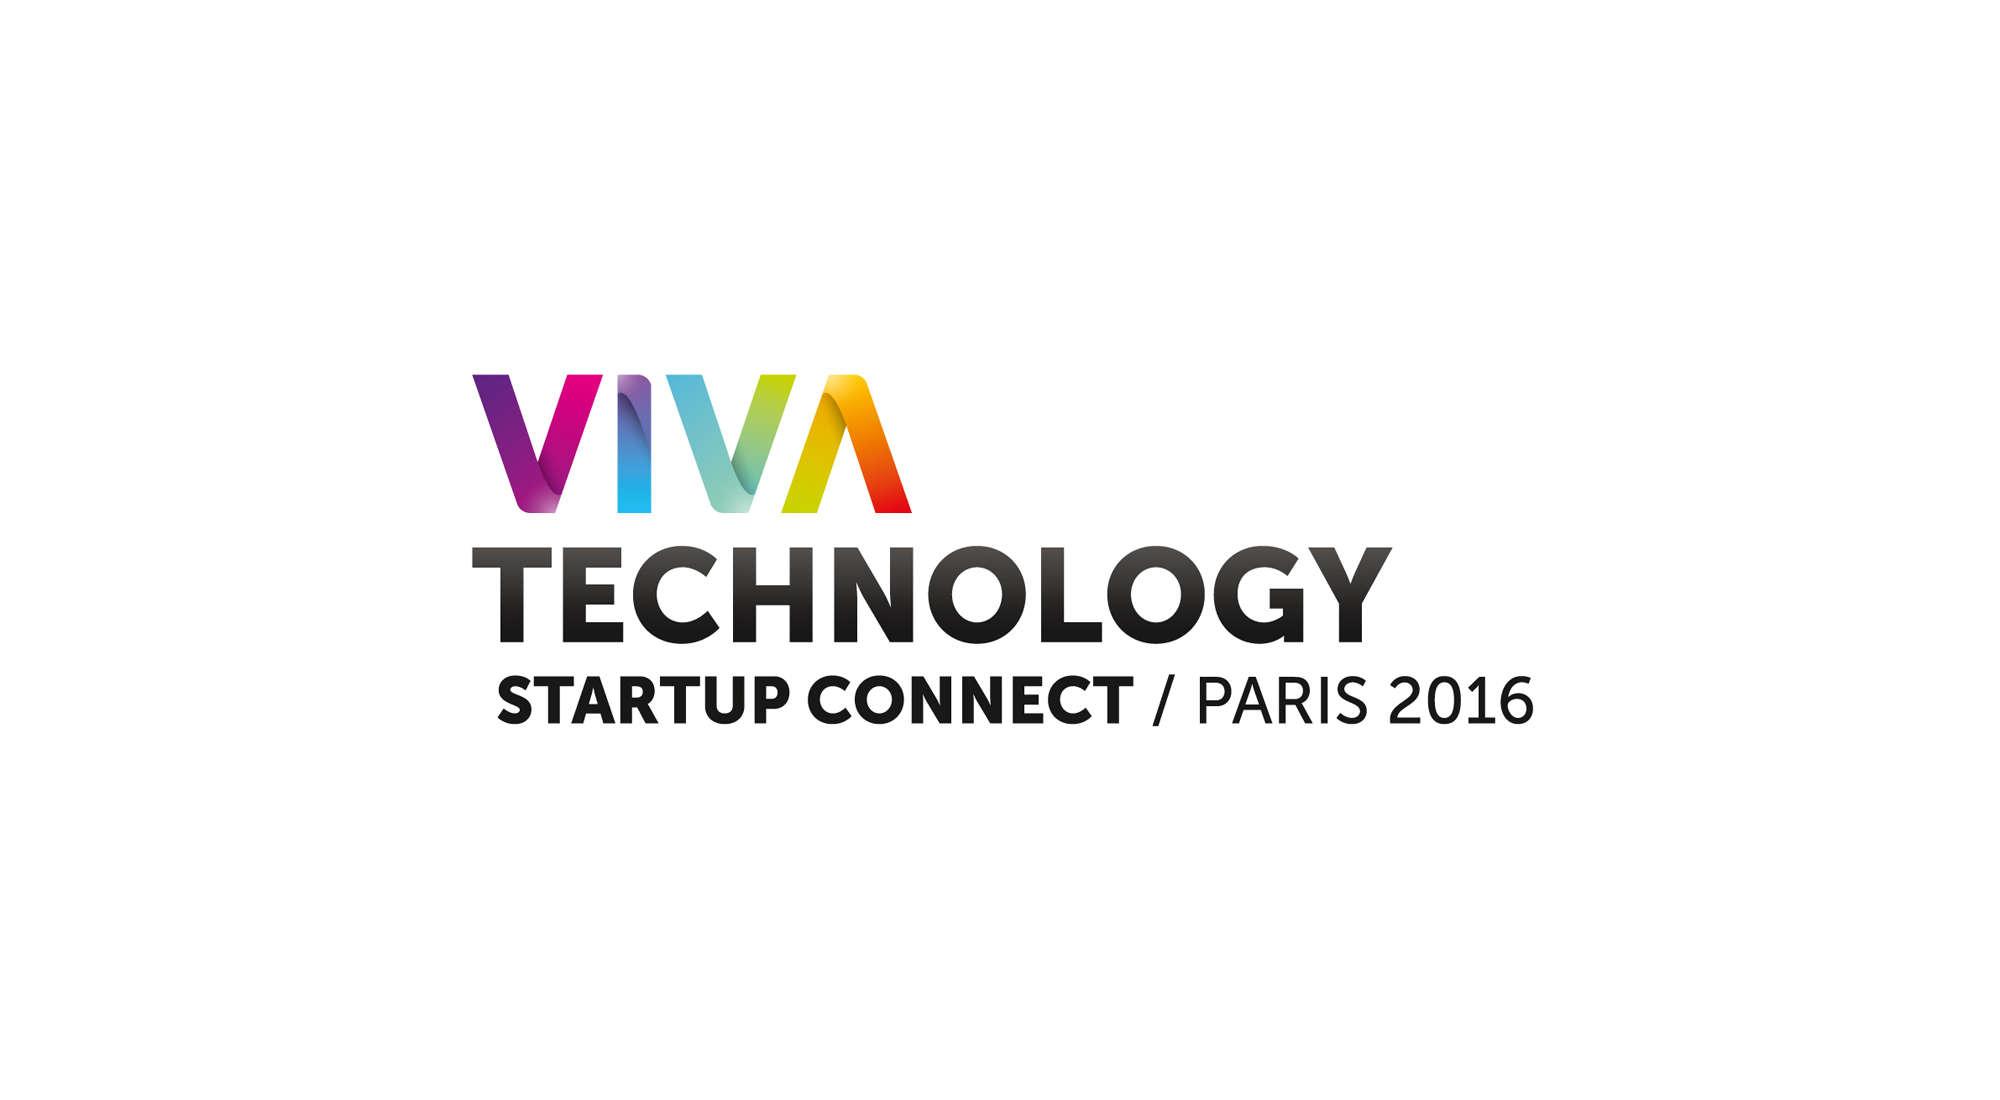 Jour 2 à Viva Technology: nouvelles visions du monde [3/5]